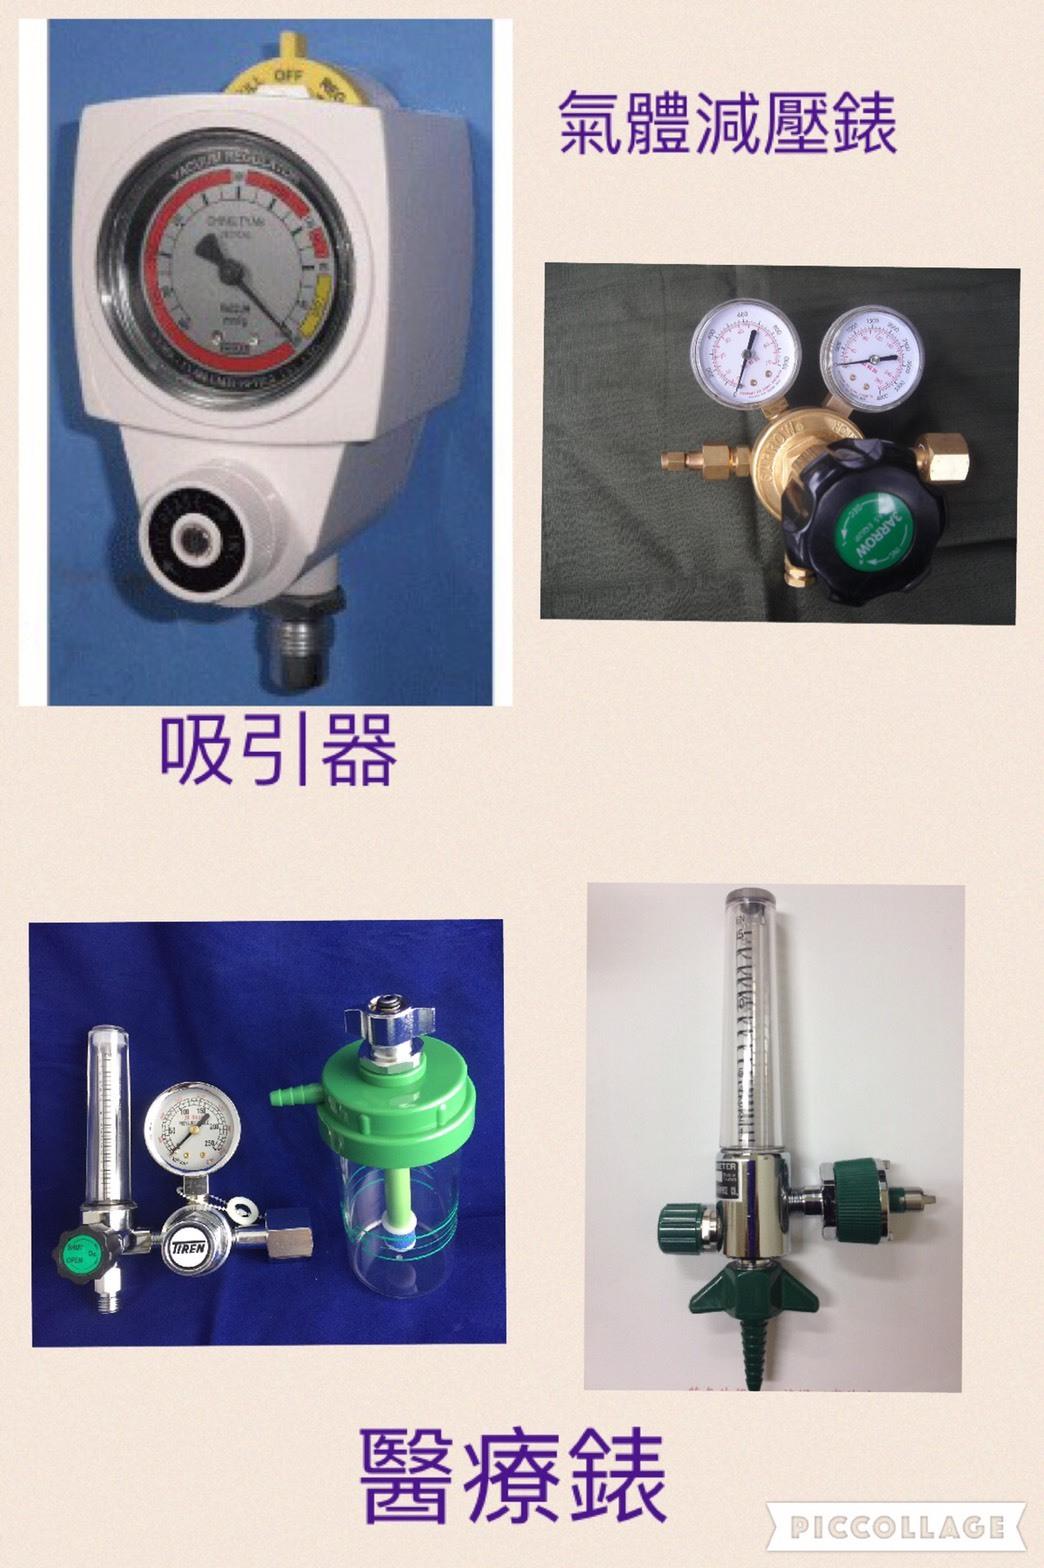 東洋氣體公司